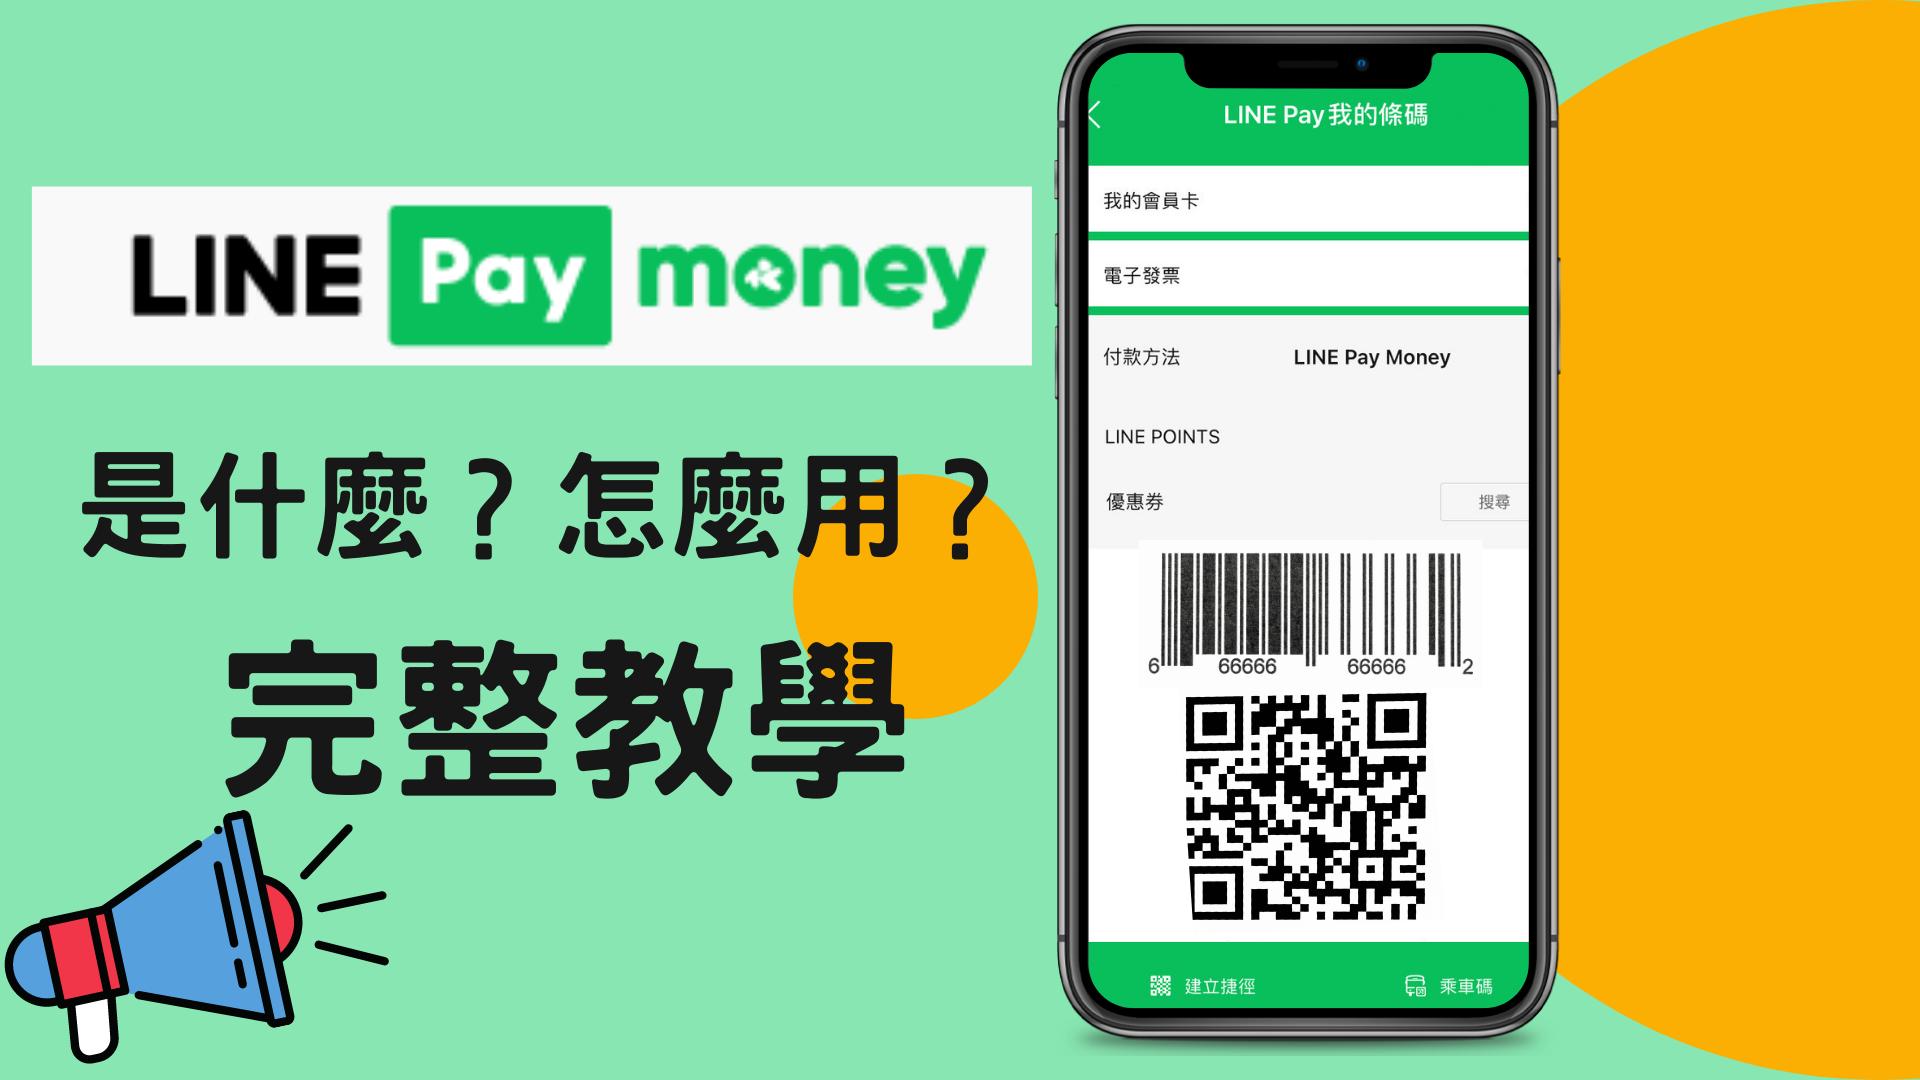 【2021使用教學】LINE Pay Money是什麼?怎麼用?